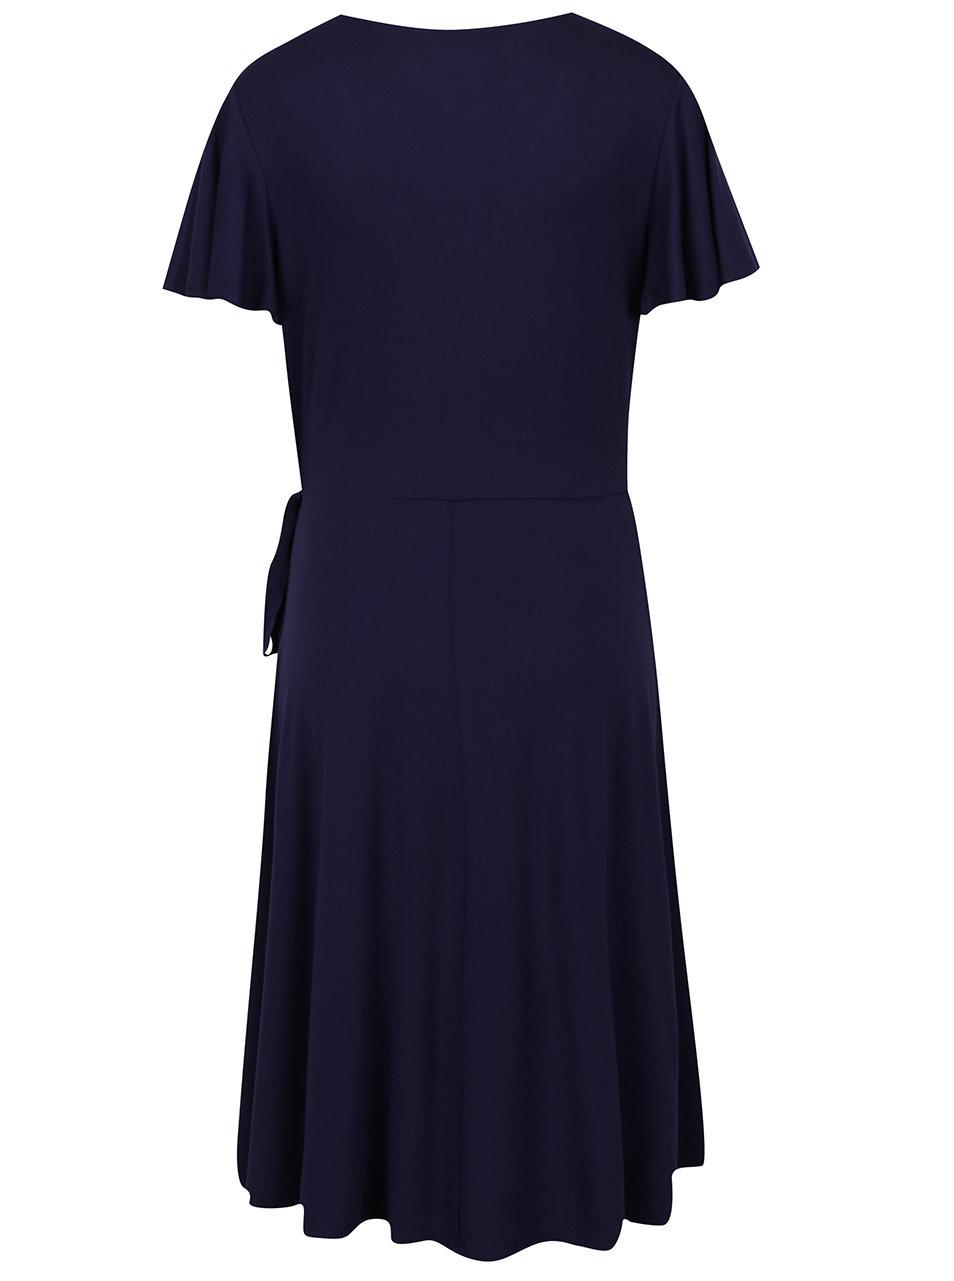 2fb6f6dde3a2 Tmavomodré šaty s prekladaným výstrihom Dorothy Perkins Tall ...